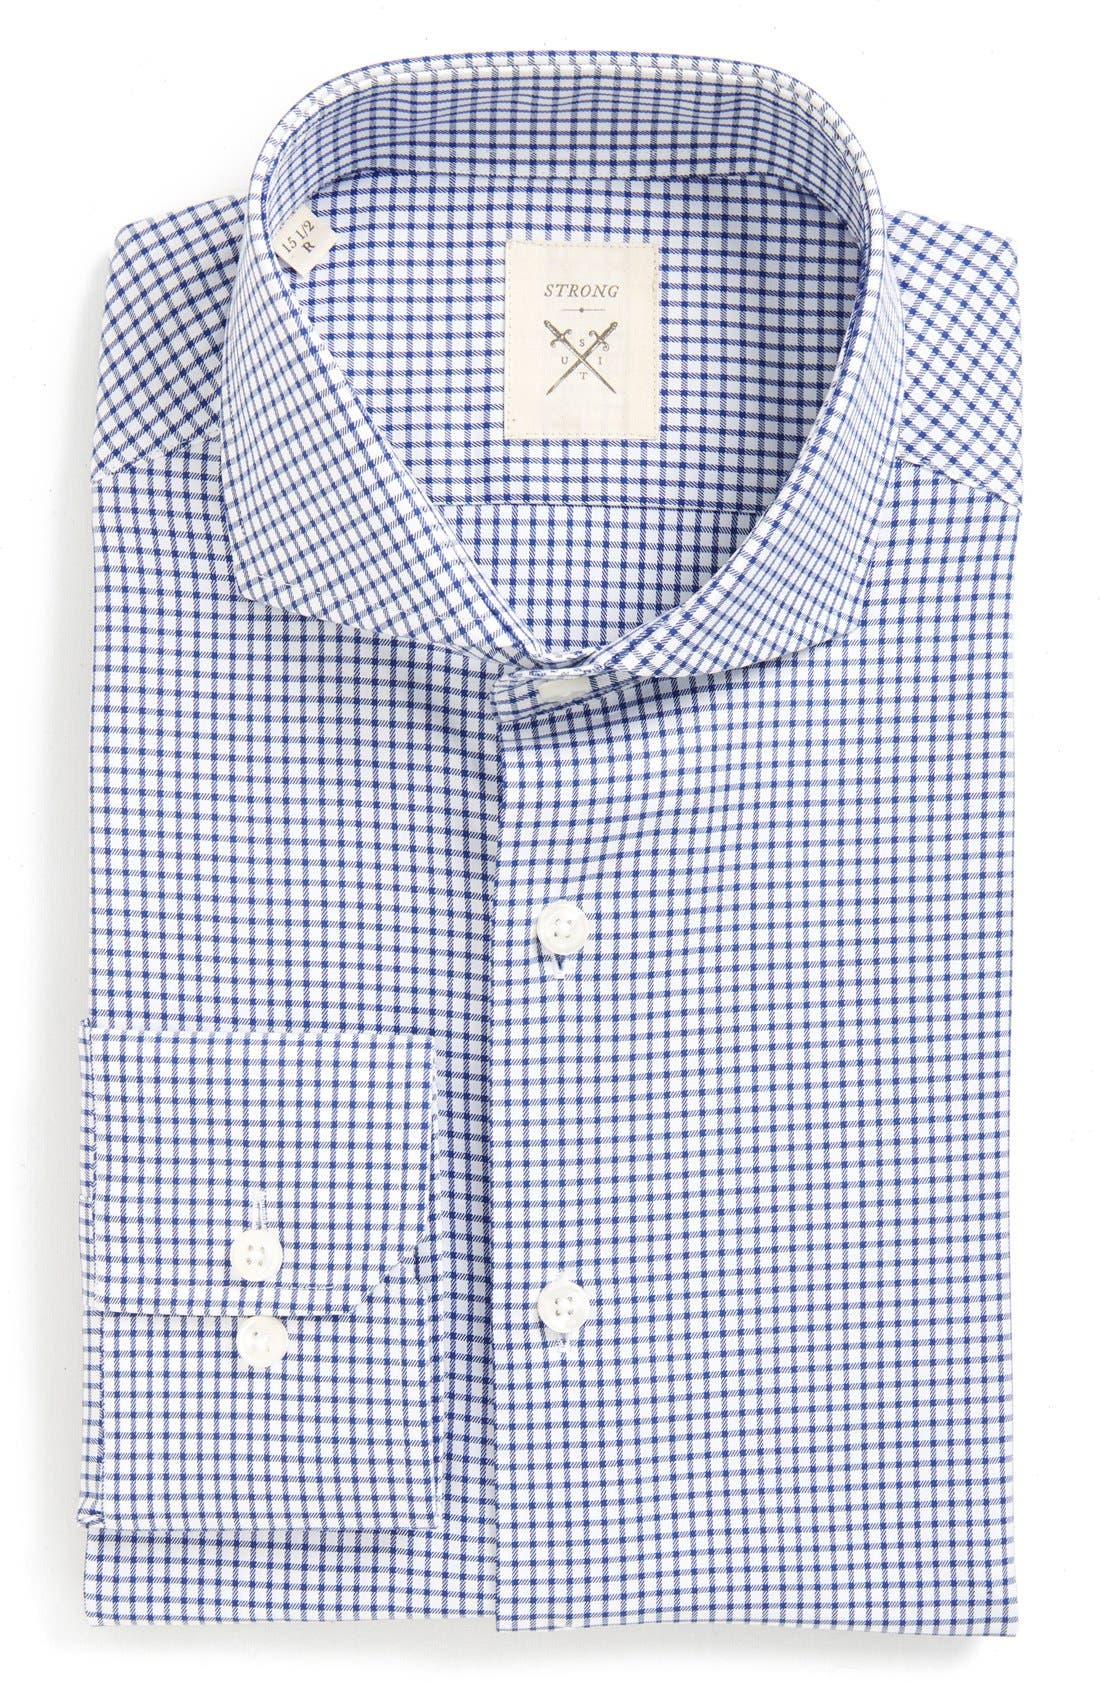 'Espirit' Trim Fit Check Dress Shirt,                         Main,                         color, 460